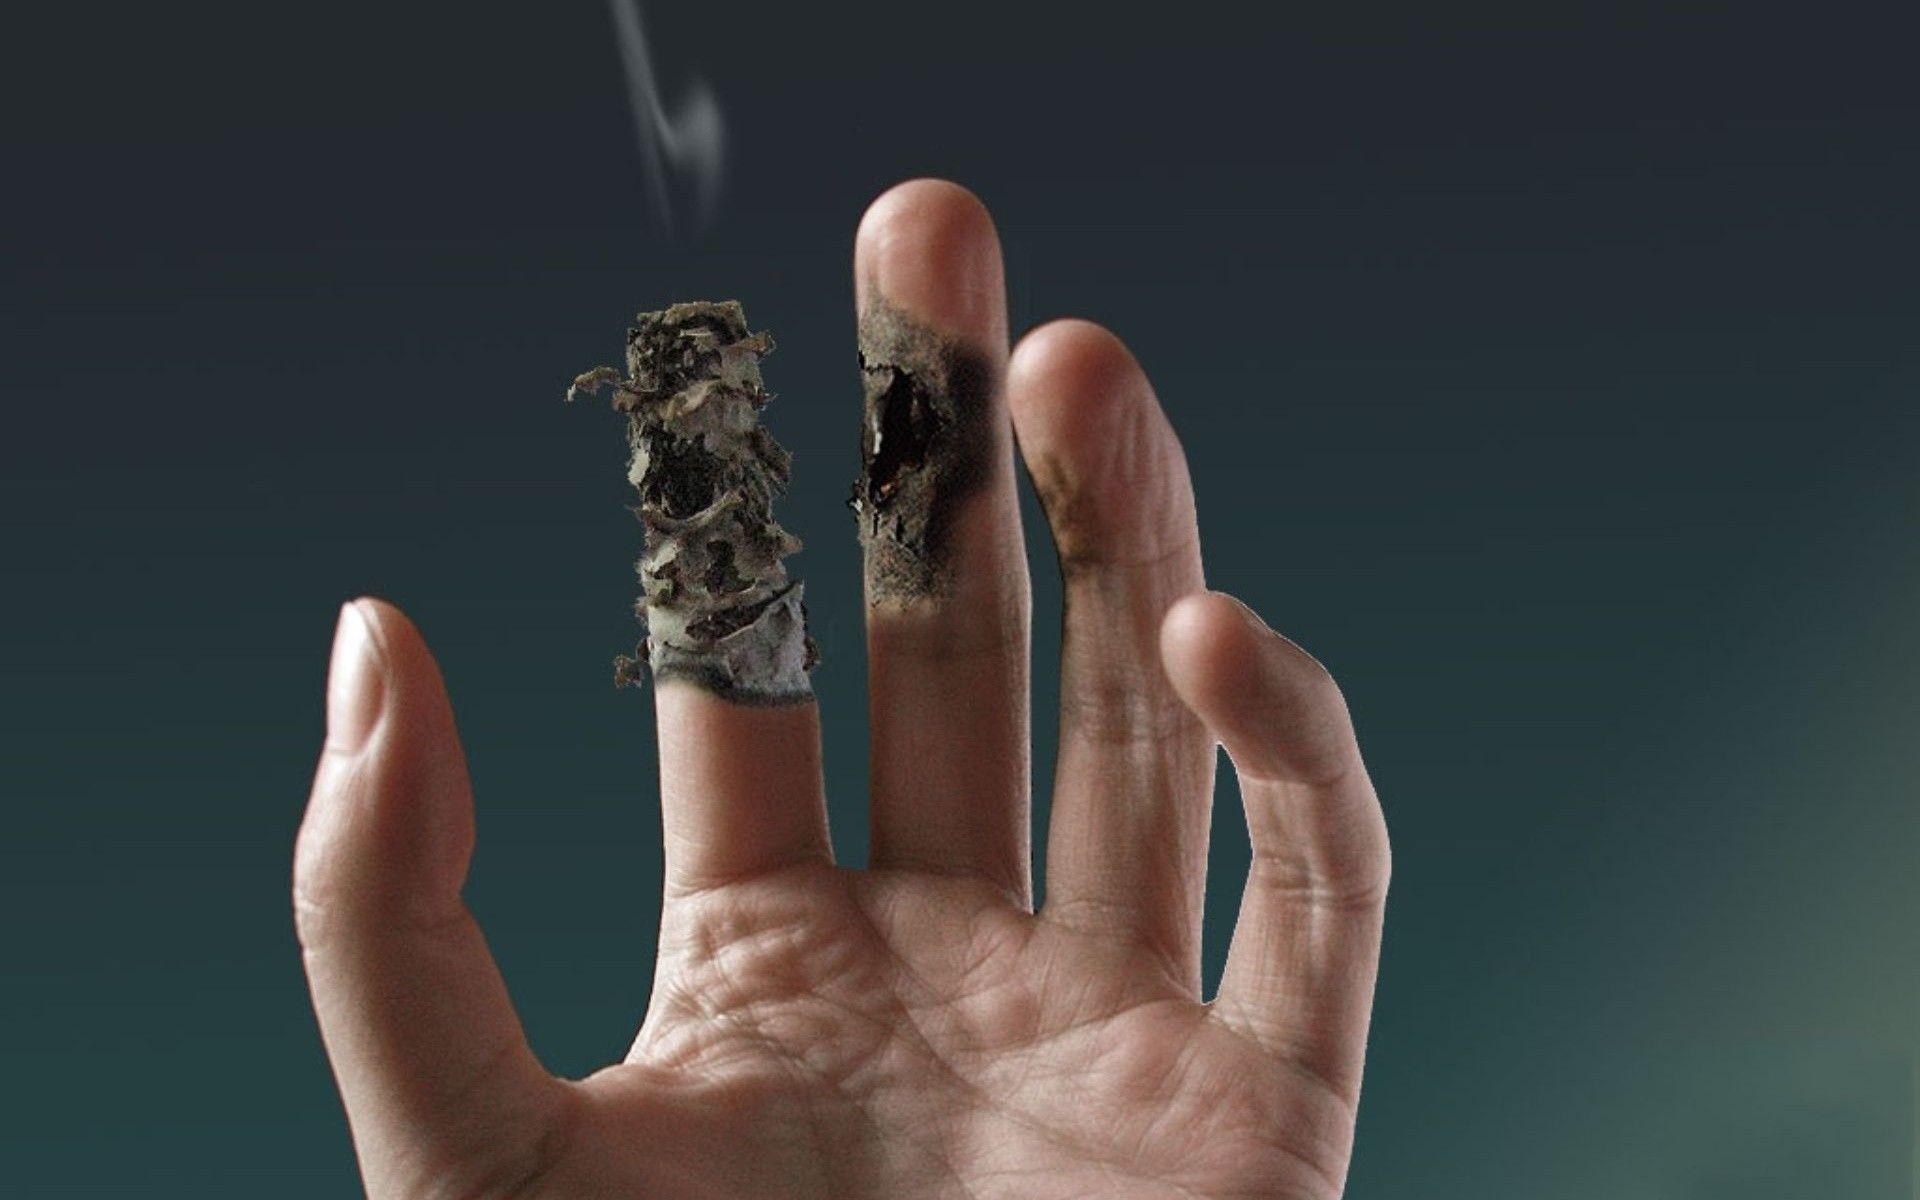 Картинки прикольные, картинки по курению в хорошем качестве